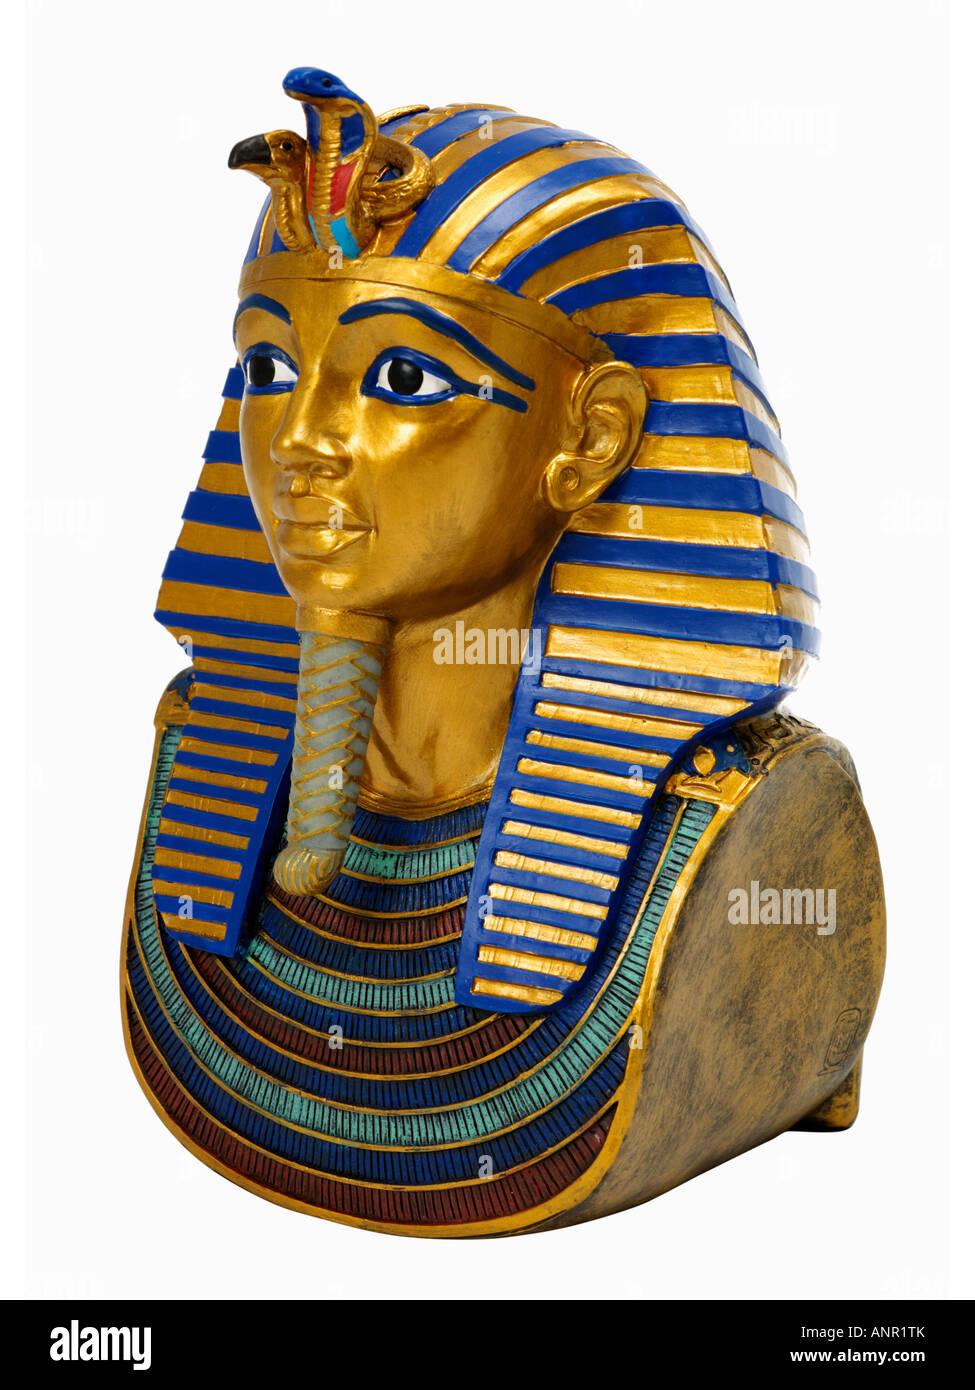 Tutankhamun mask - Stock Image